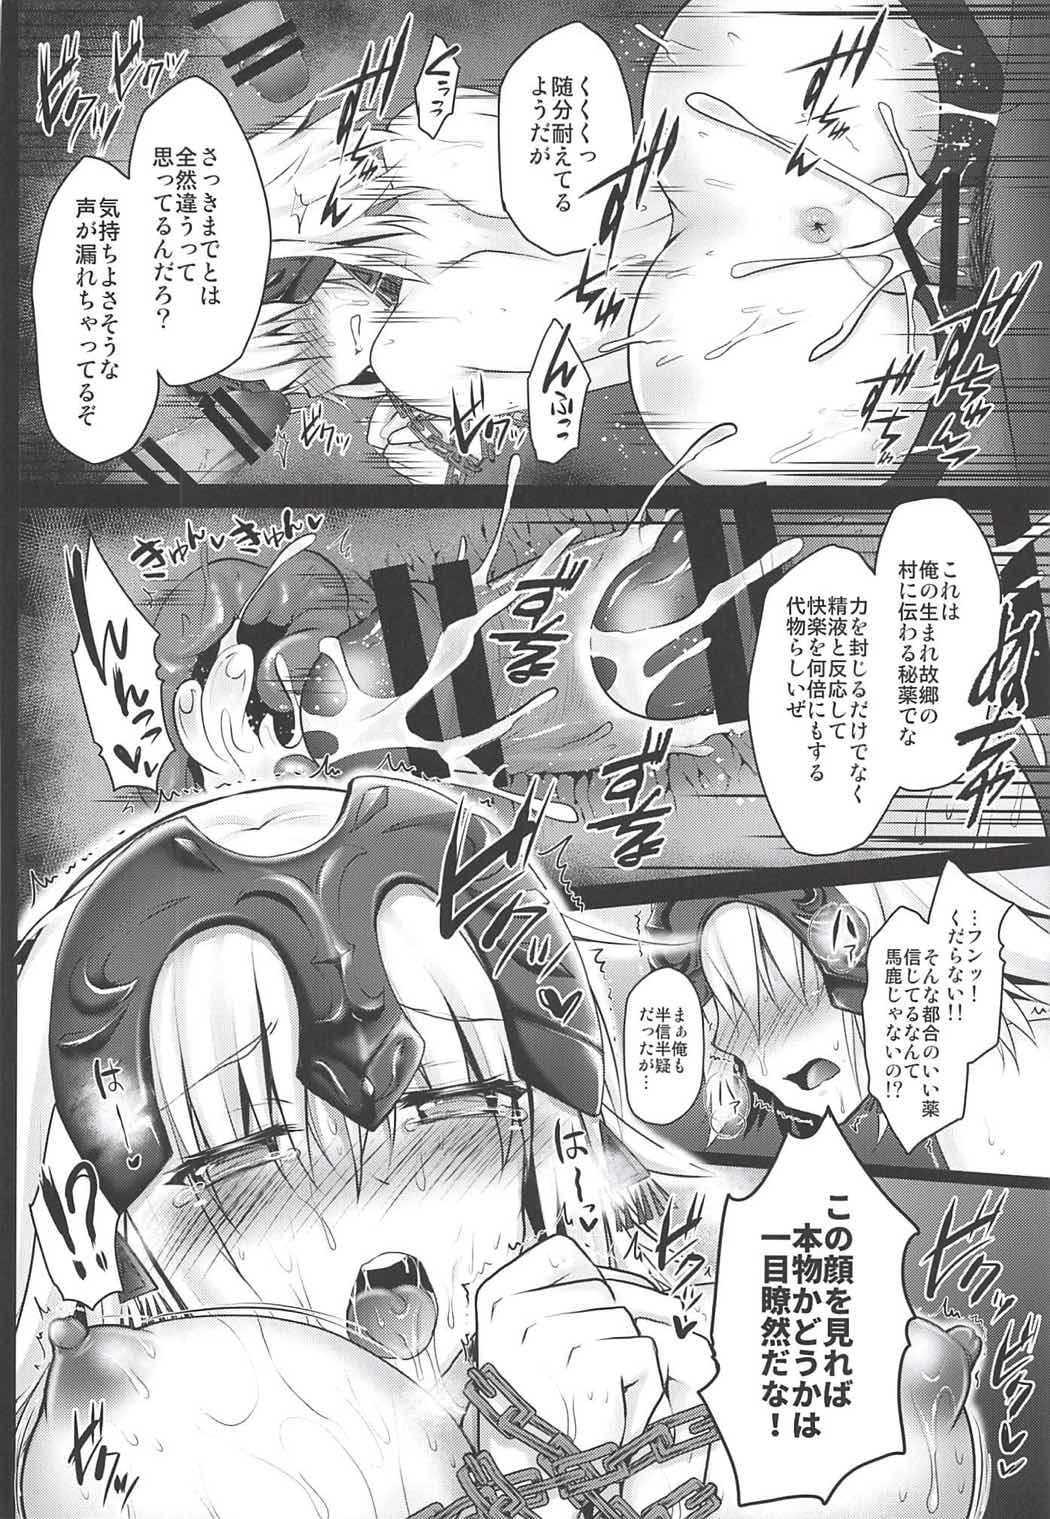 【エロ同人誌】兵士たちに媚薬を盛られたジャンヌオルタが下剋上快楽拷問の刑に処されるwww【Fate/Grand Order/COMIC1☆11】